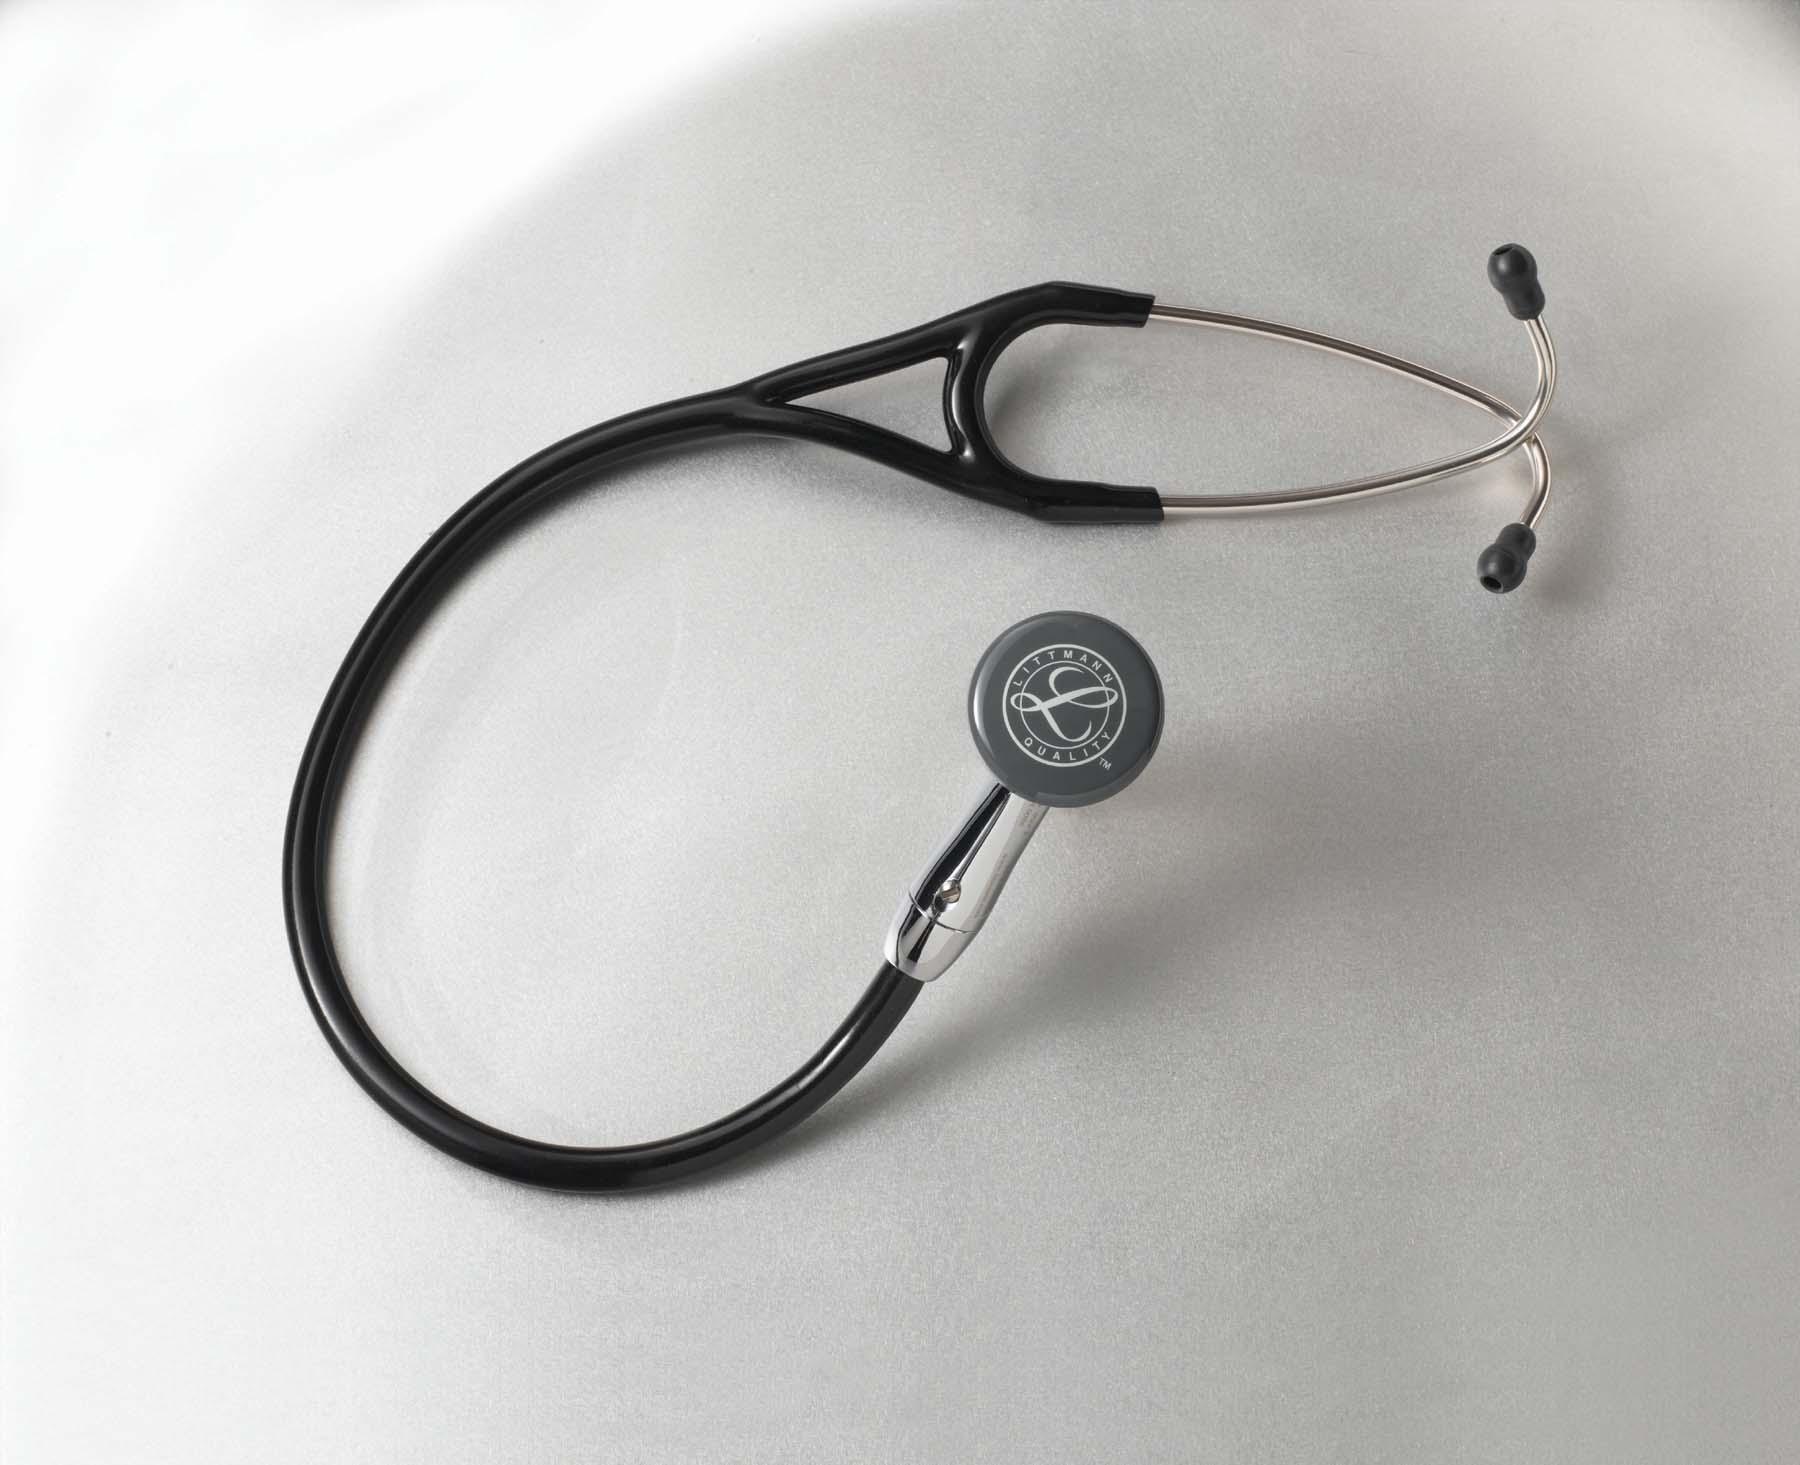 littmann-3000-electronic-stethoscope-hunter-green-3000hg-12-300-250-lr.jpg